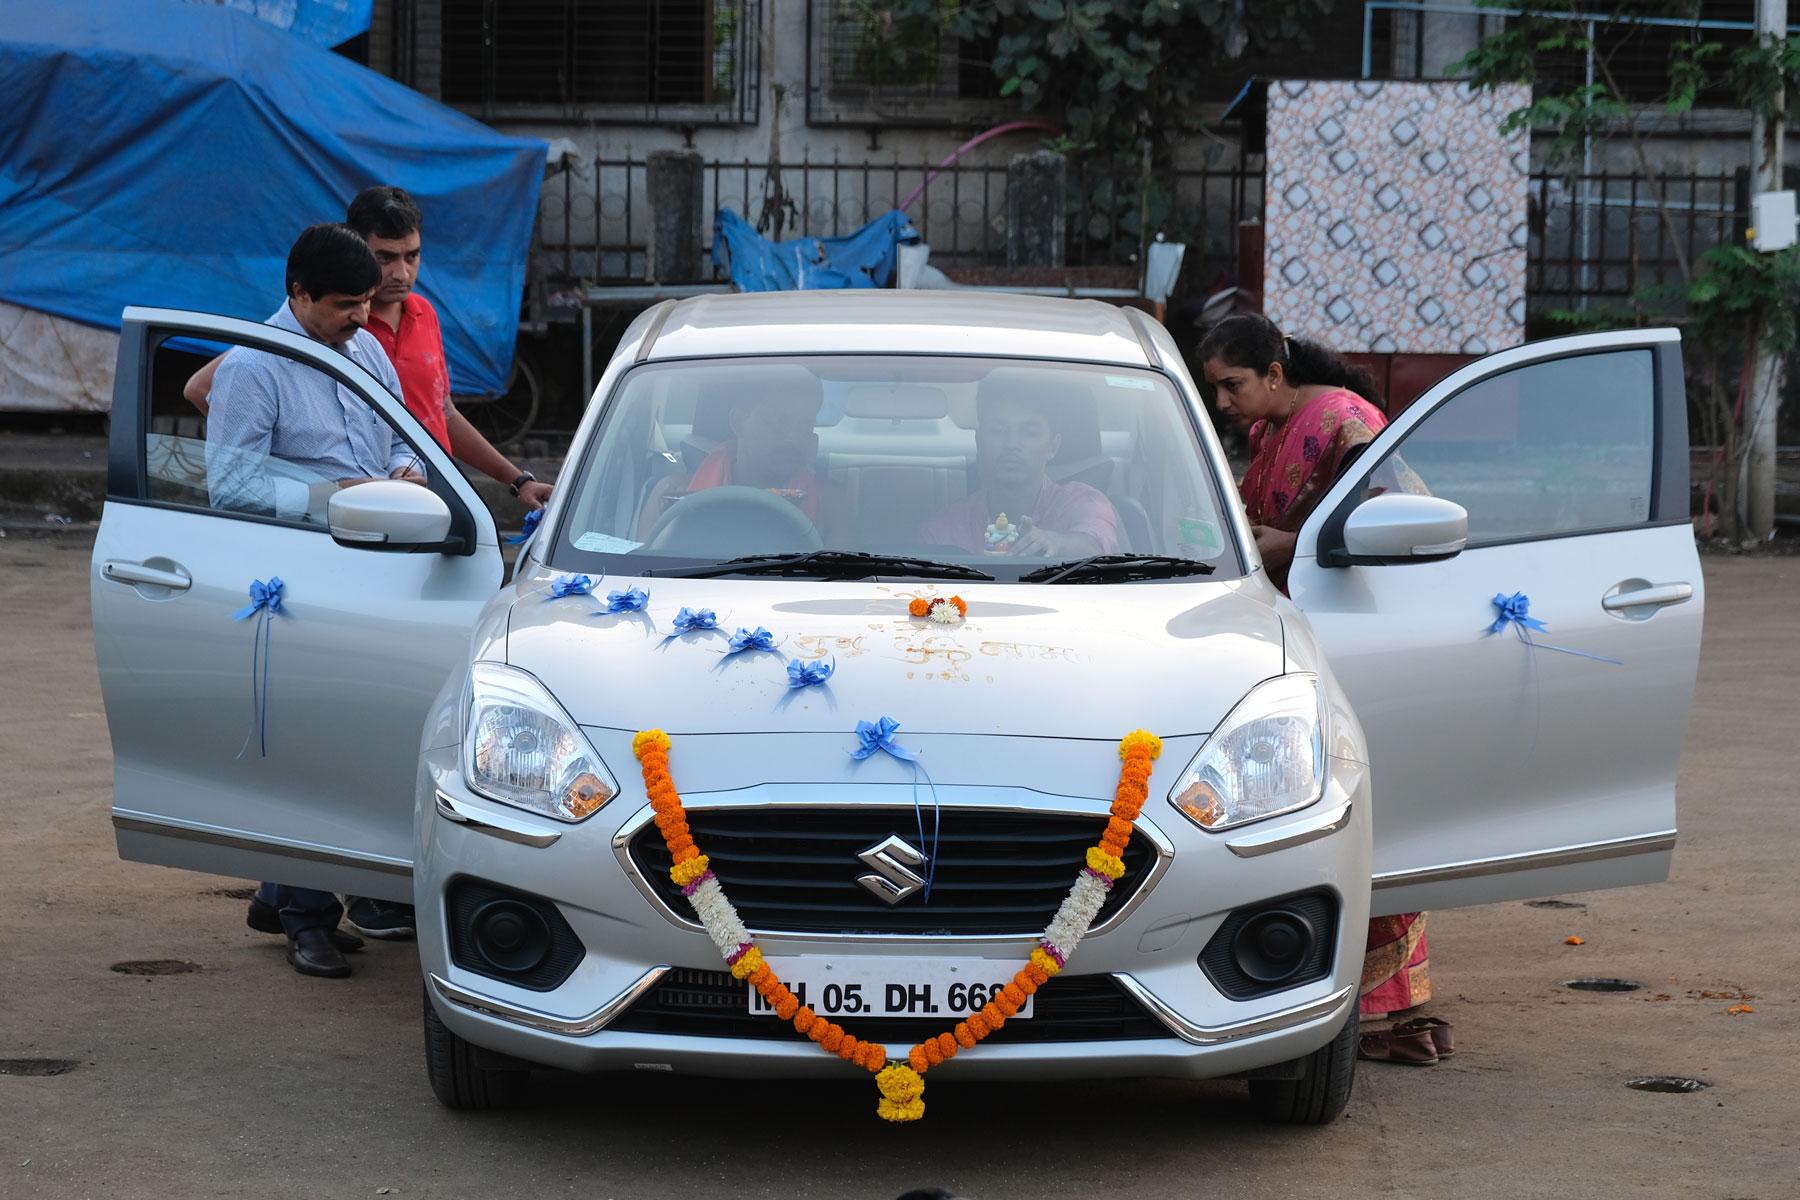 Indische Menschen schauen ein mit Blumen geschmücktes Auto an.